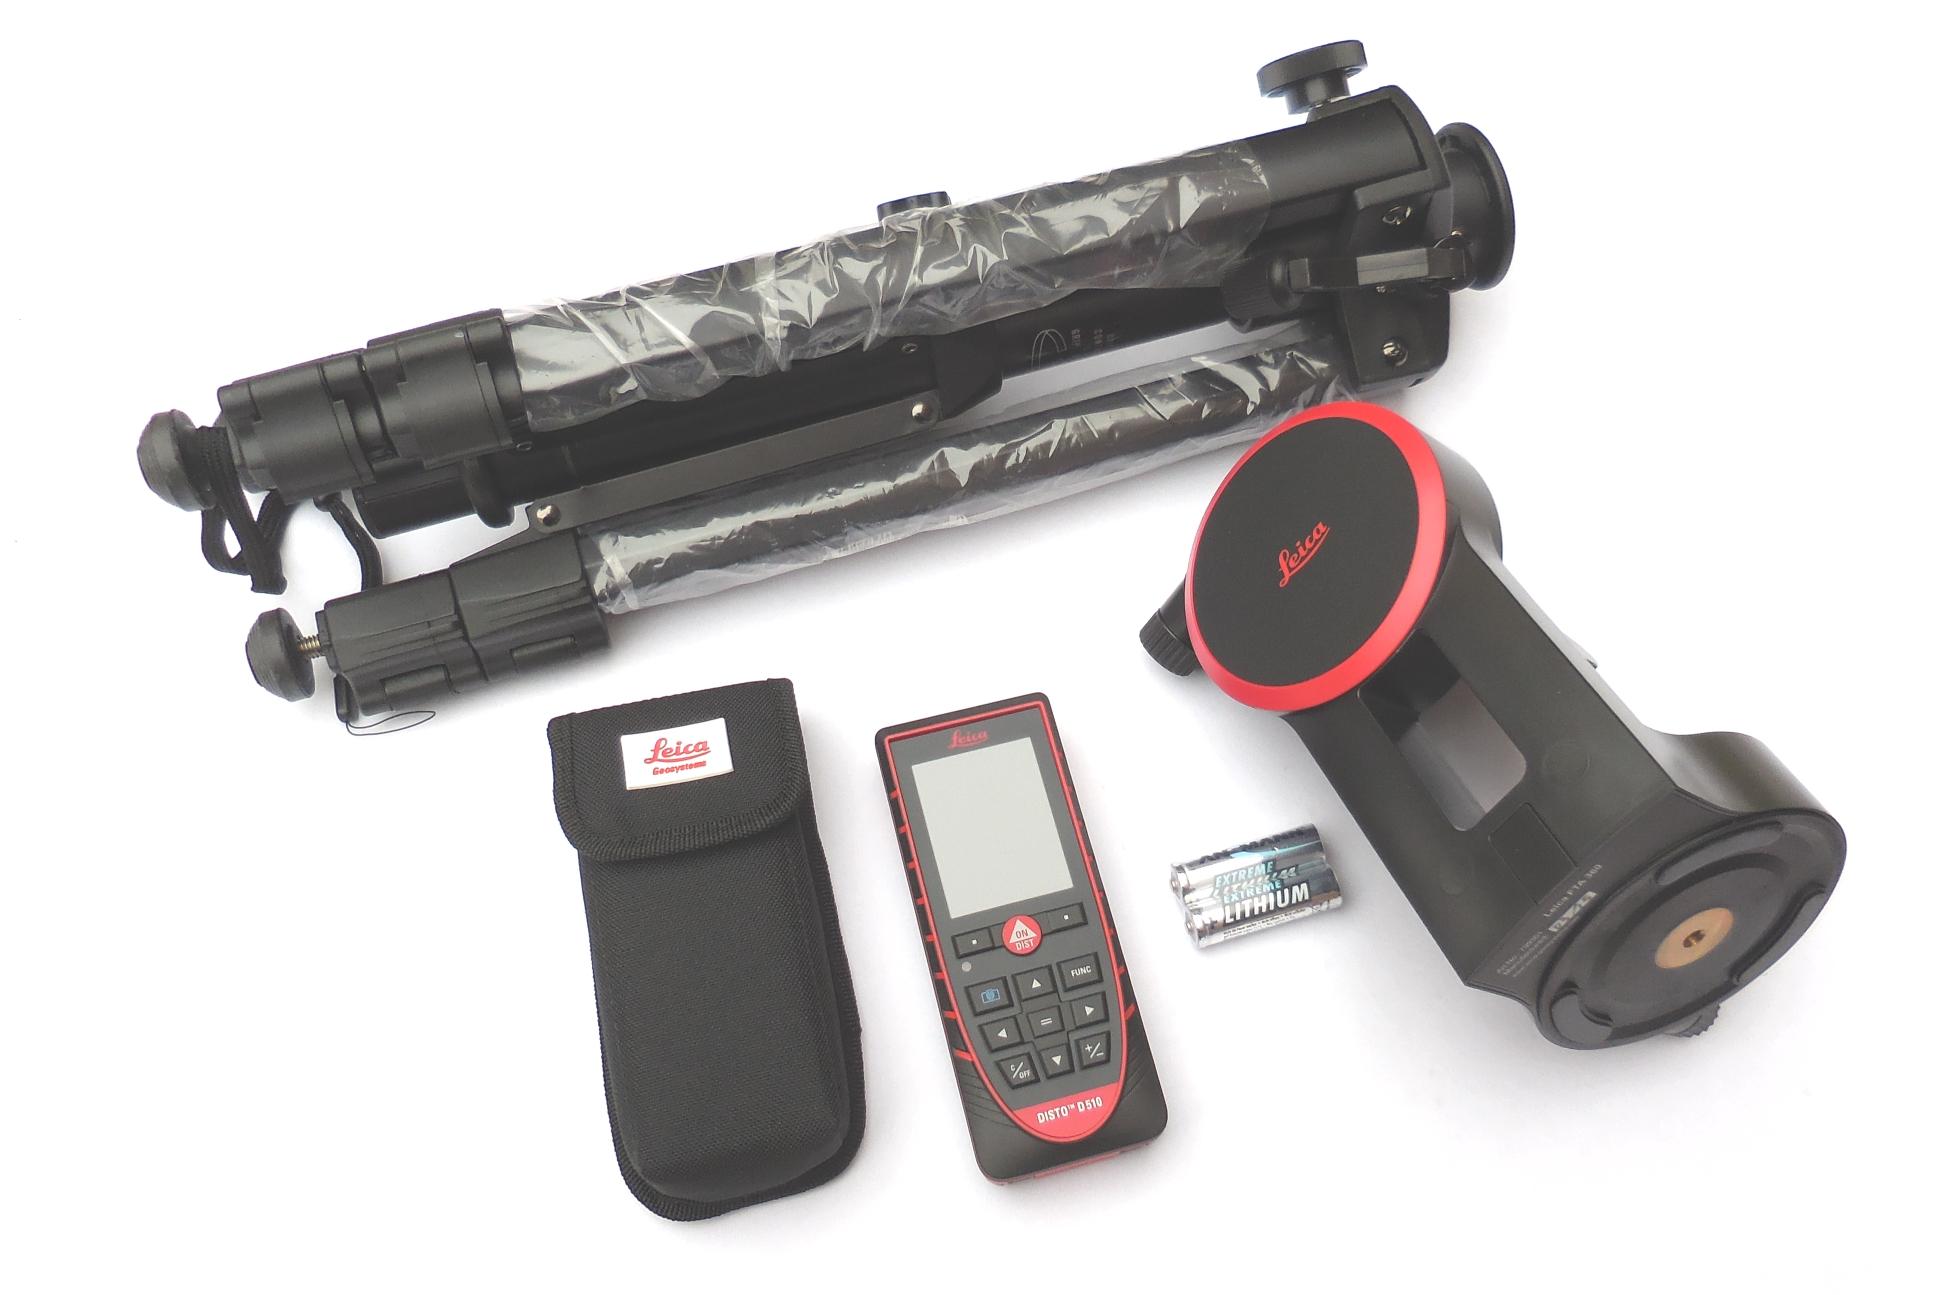 Laser Entfernungsmesser Neigungssensor : D disto set entfernungsmesser laser werkzeug shop